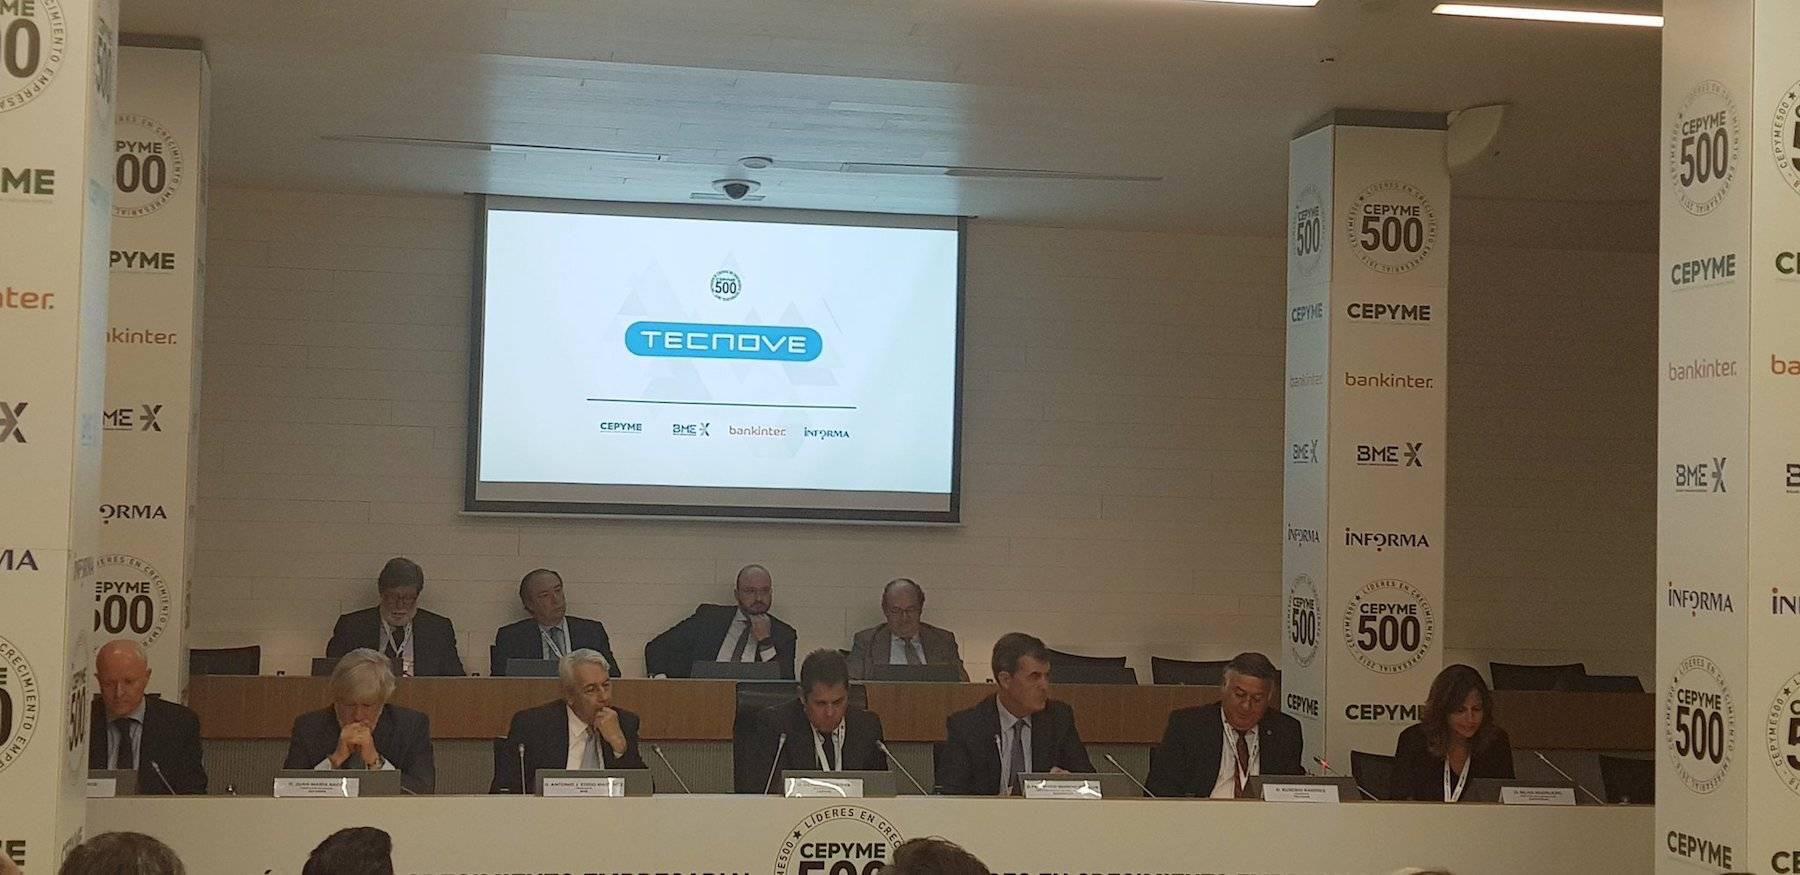 CEPYME500 reconocimiento tecnove herencia - Tecnove elegida como una de las empresas líderes en crecimiento empresarial en 2018